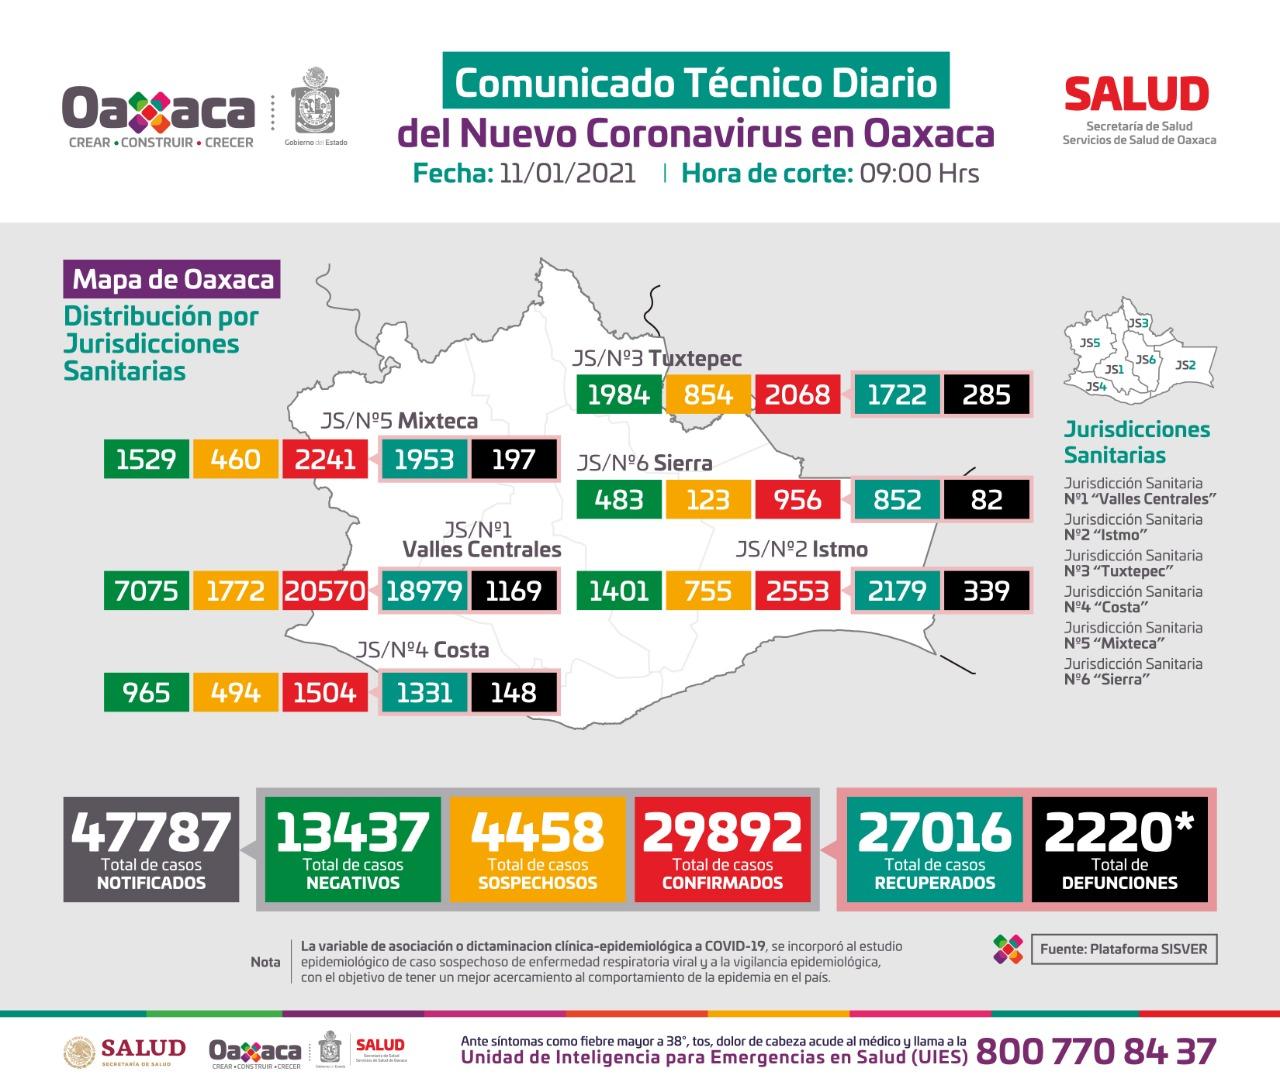 Registran 566 casos nuevos de Covid-19 en Oaxaca; Exhortan a reducir la movilidad